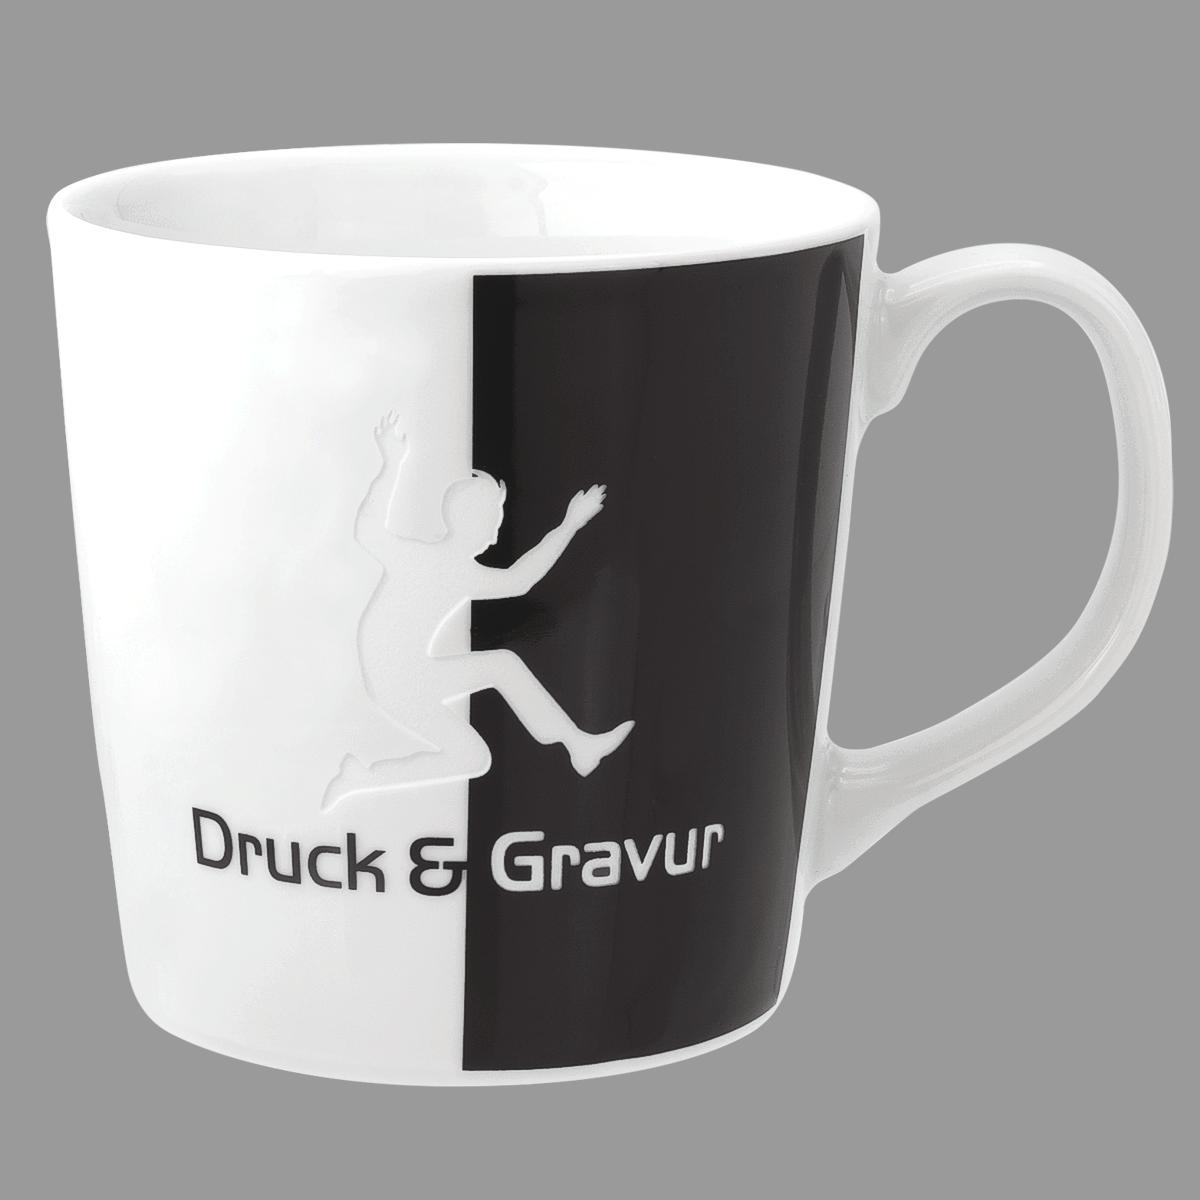 Druck & Gravur_Springer